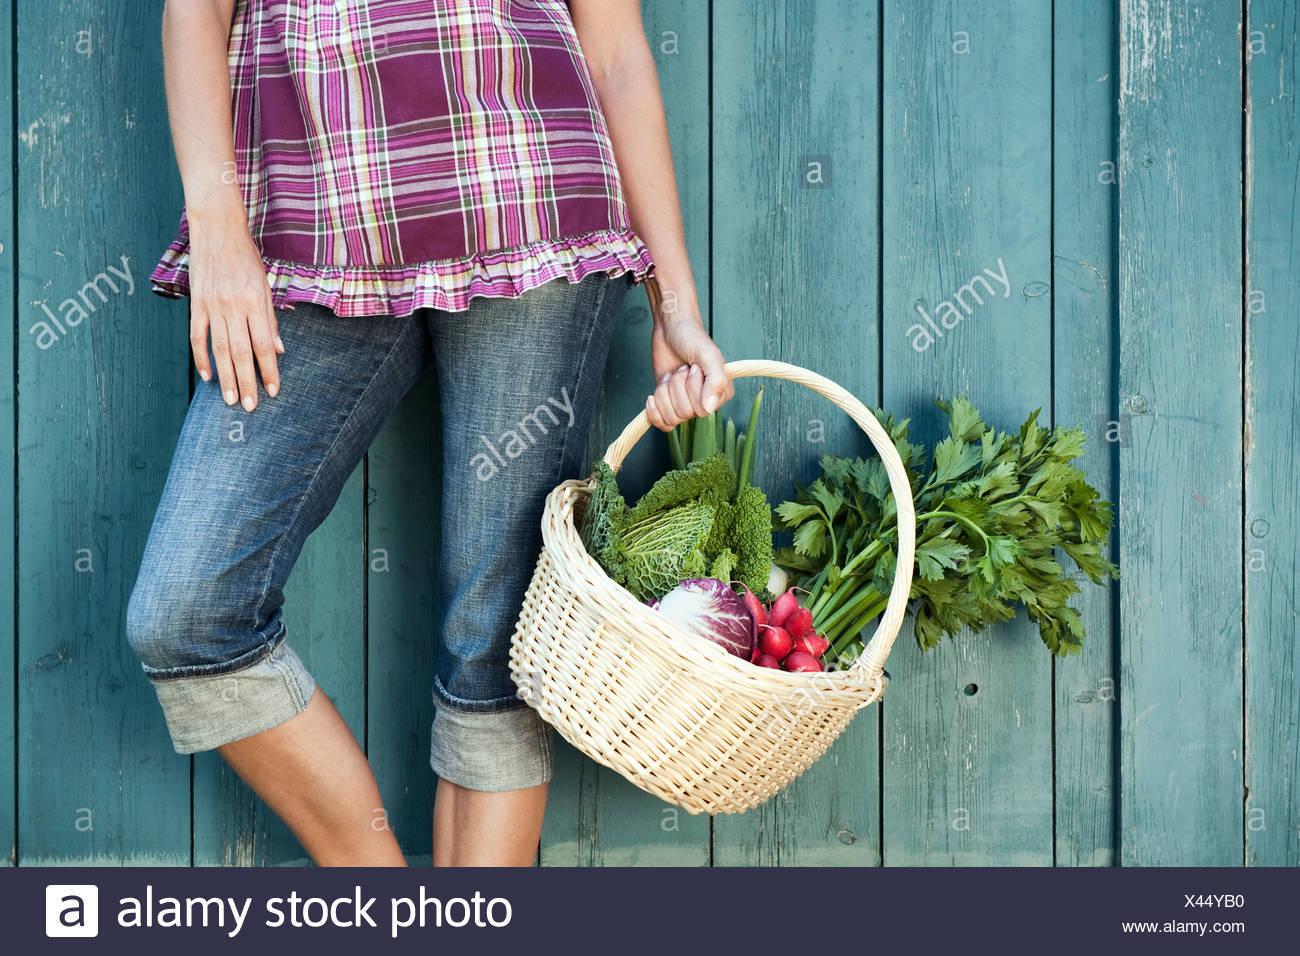 Deutschland, Bayern, Frau lehnte sich gegen Scheunentor hält Korb mit frischem Gemüse Stockbild